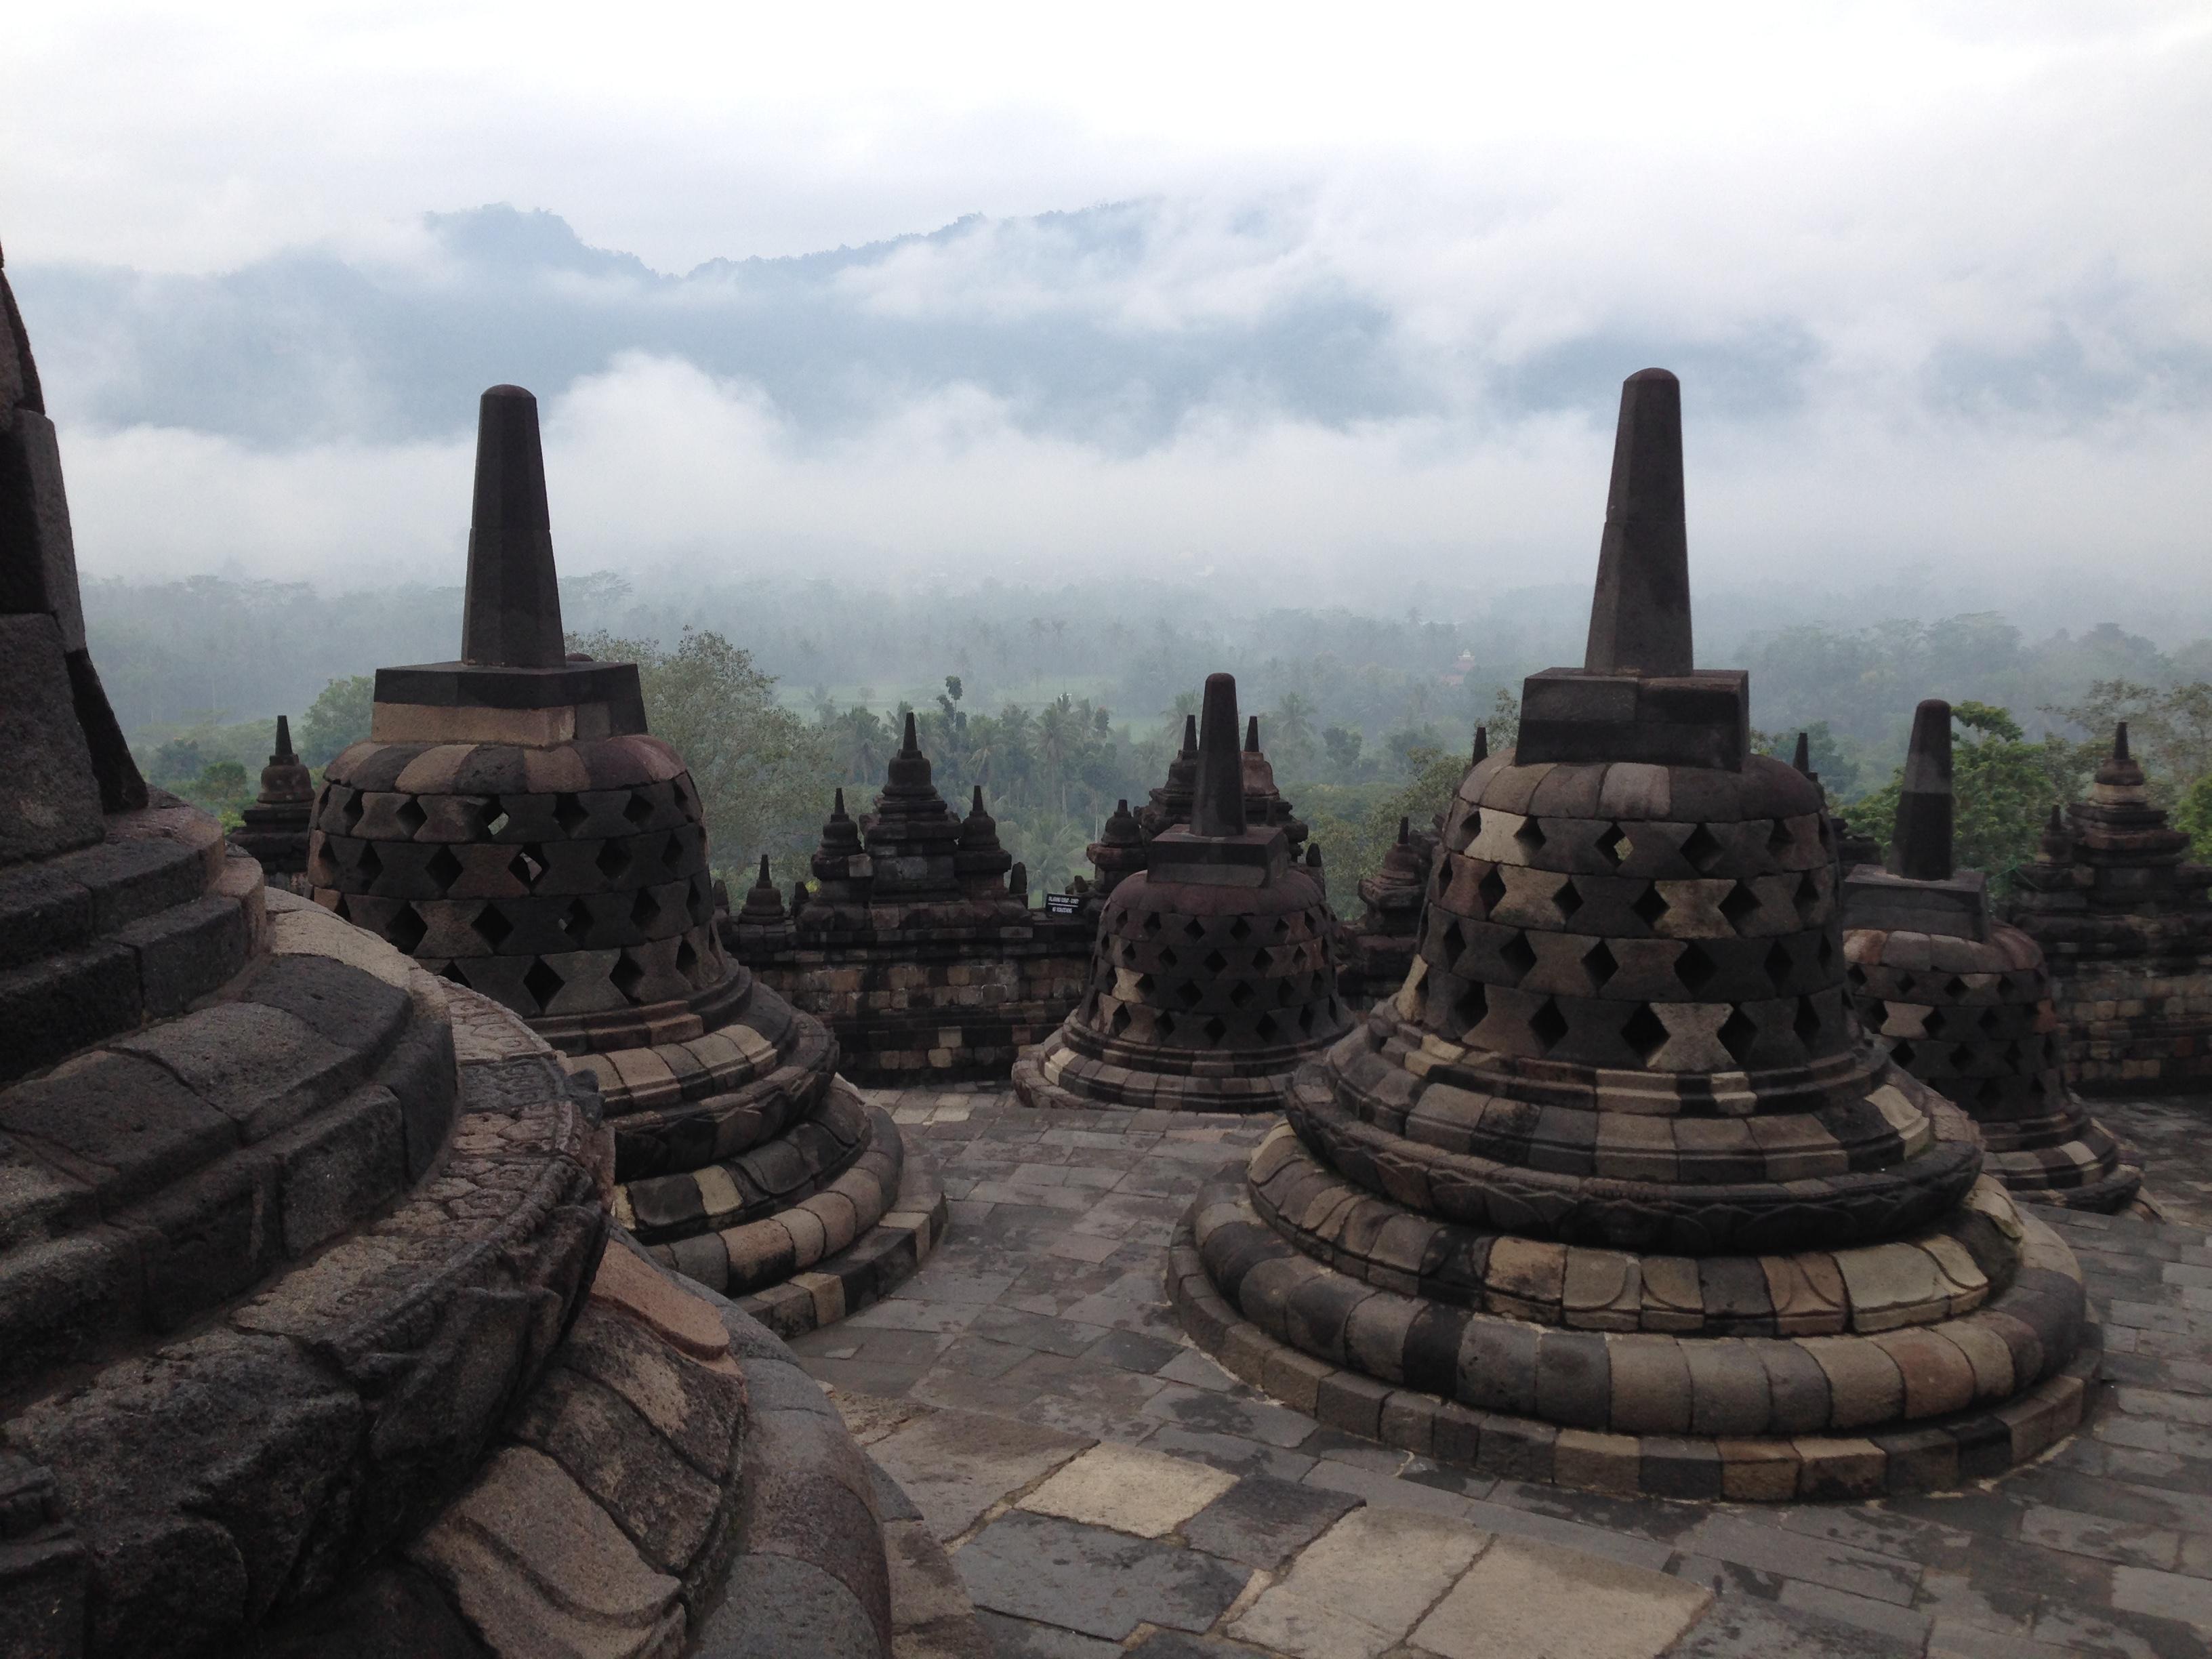 【インドネシア】ジョグジャカルタ周辺観光4選!世界遺産の遺跡や自然